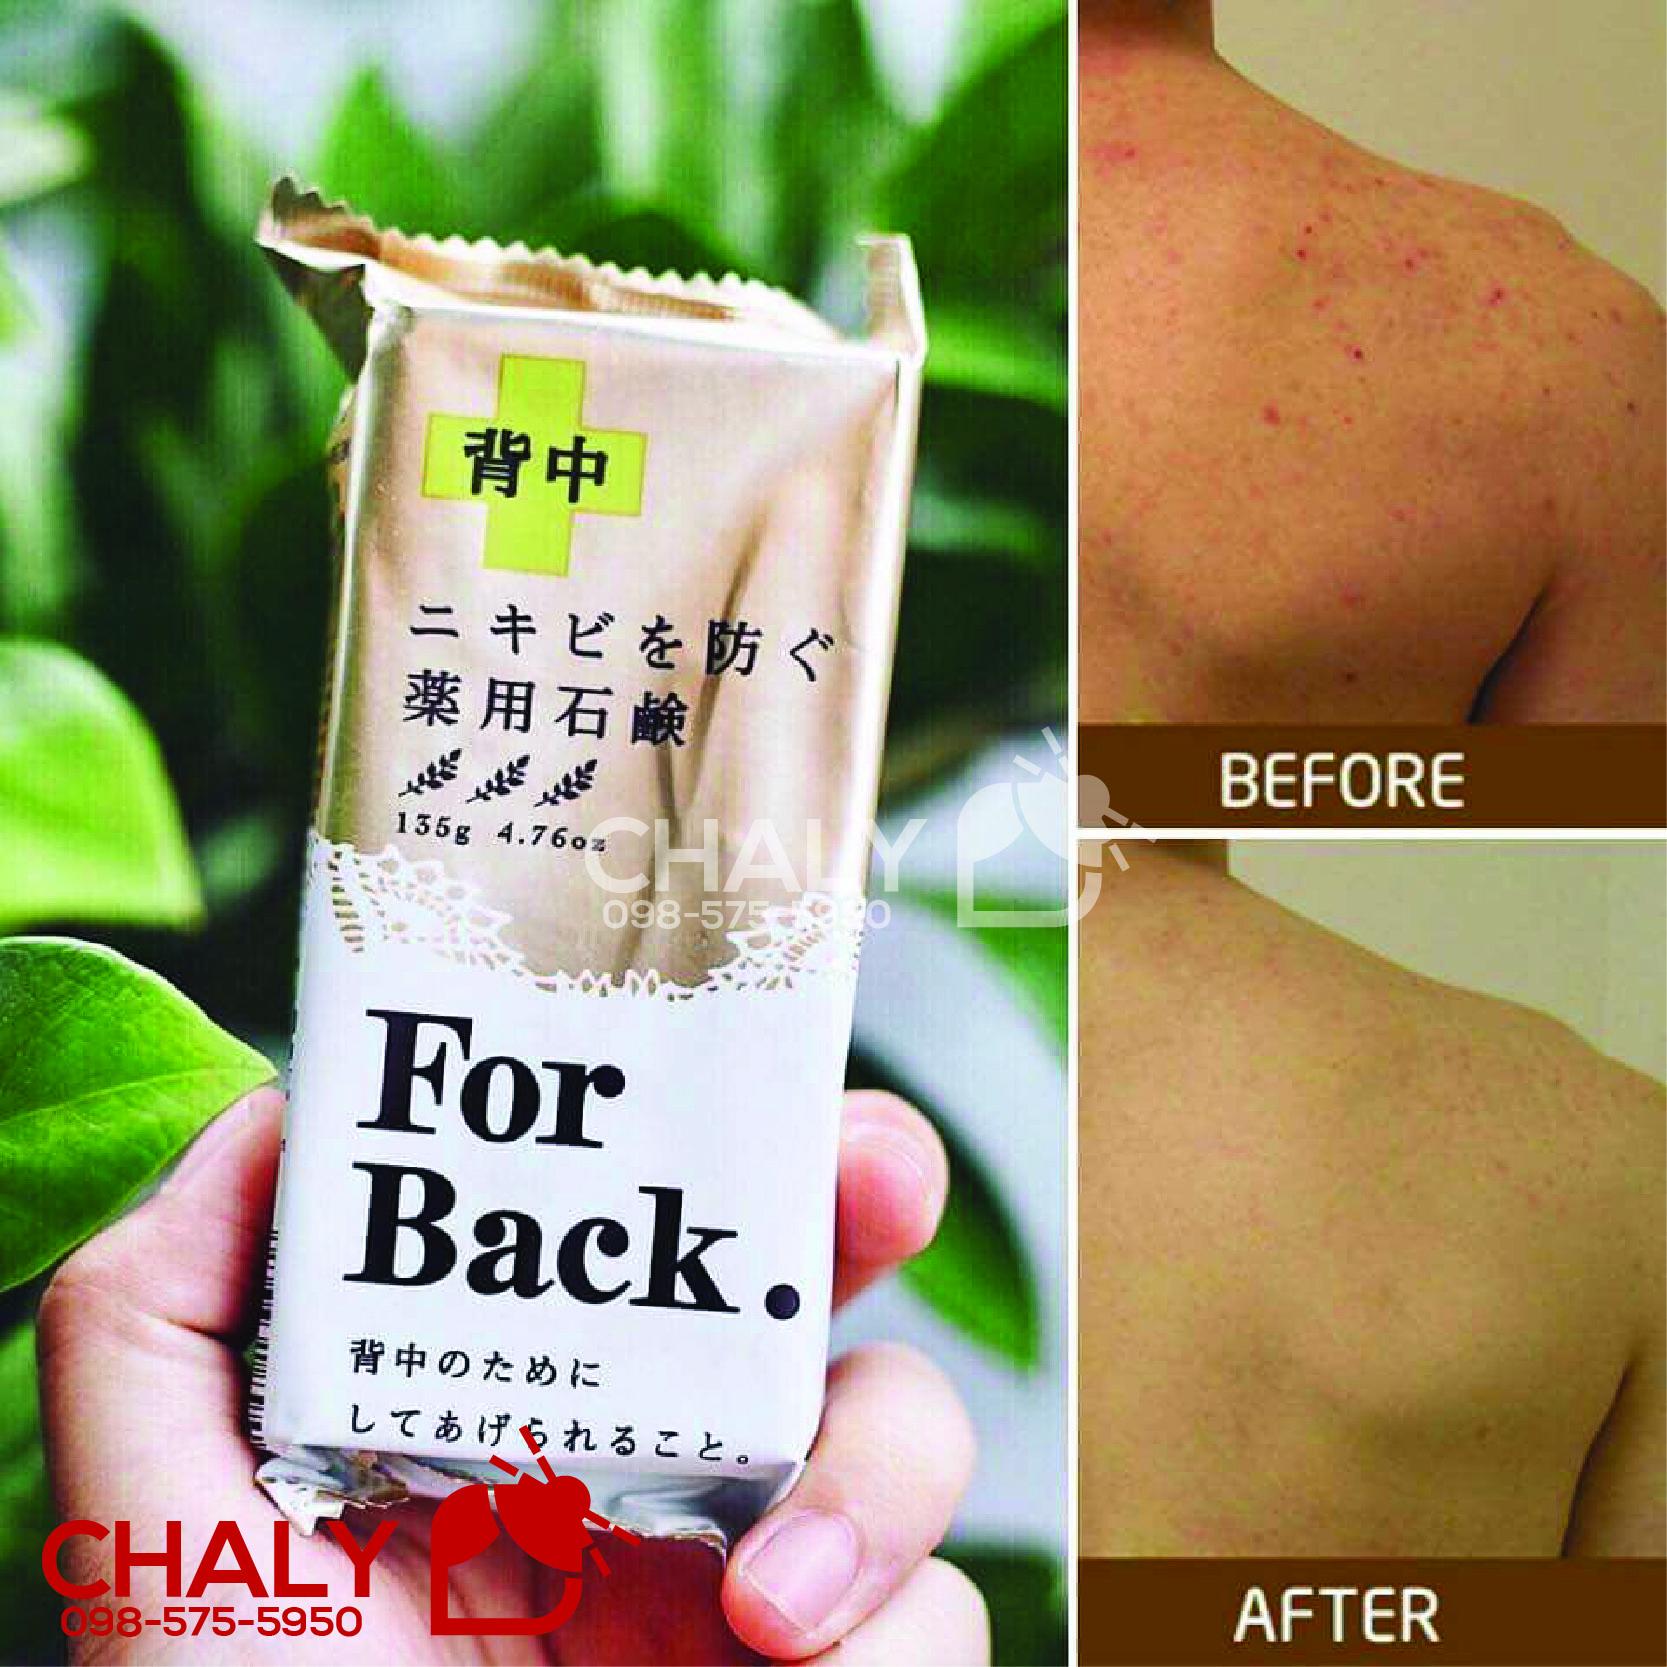 Xà phòng trị mụn lưng For Back là sản phẩm đặc trị mụn lưng số 1 Nhật Bản. Hiệu quả cao, bán siêu chạy